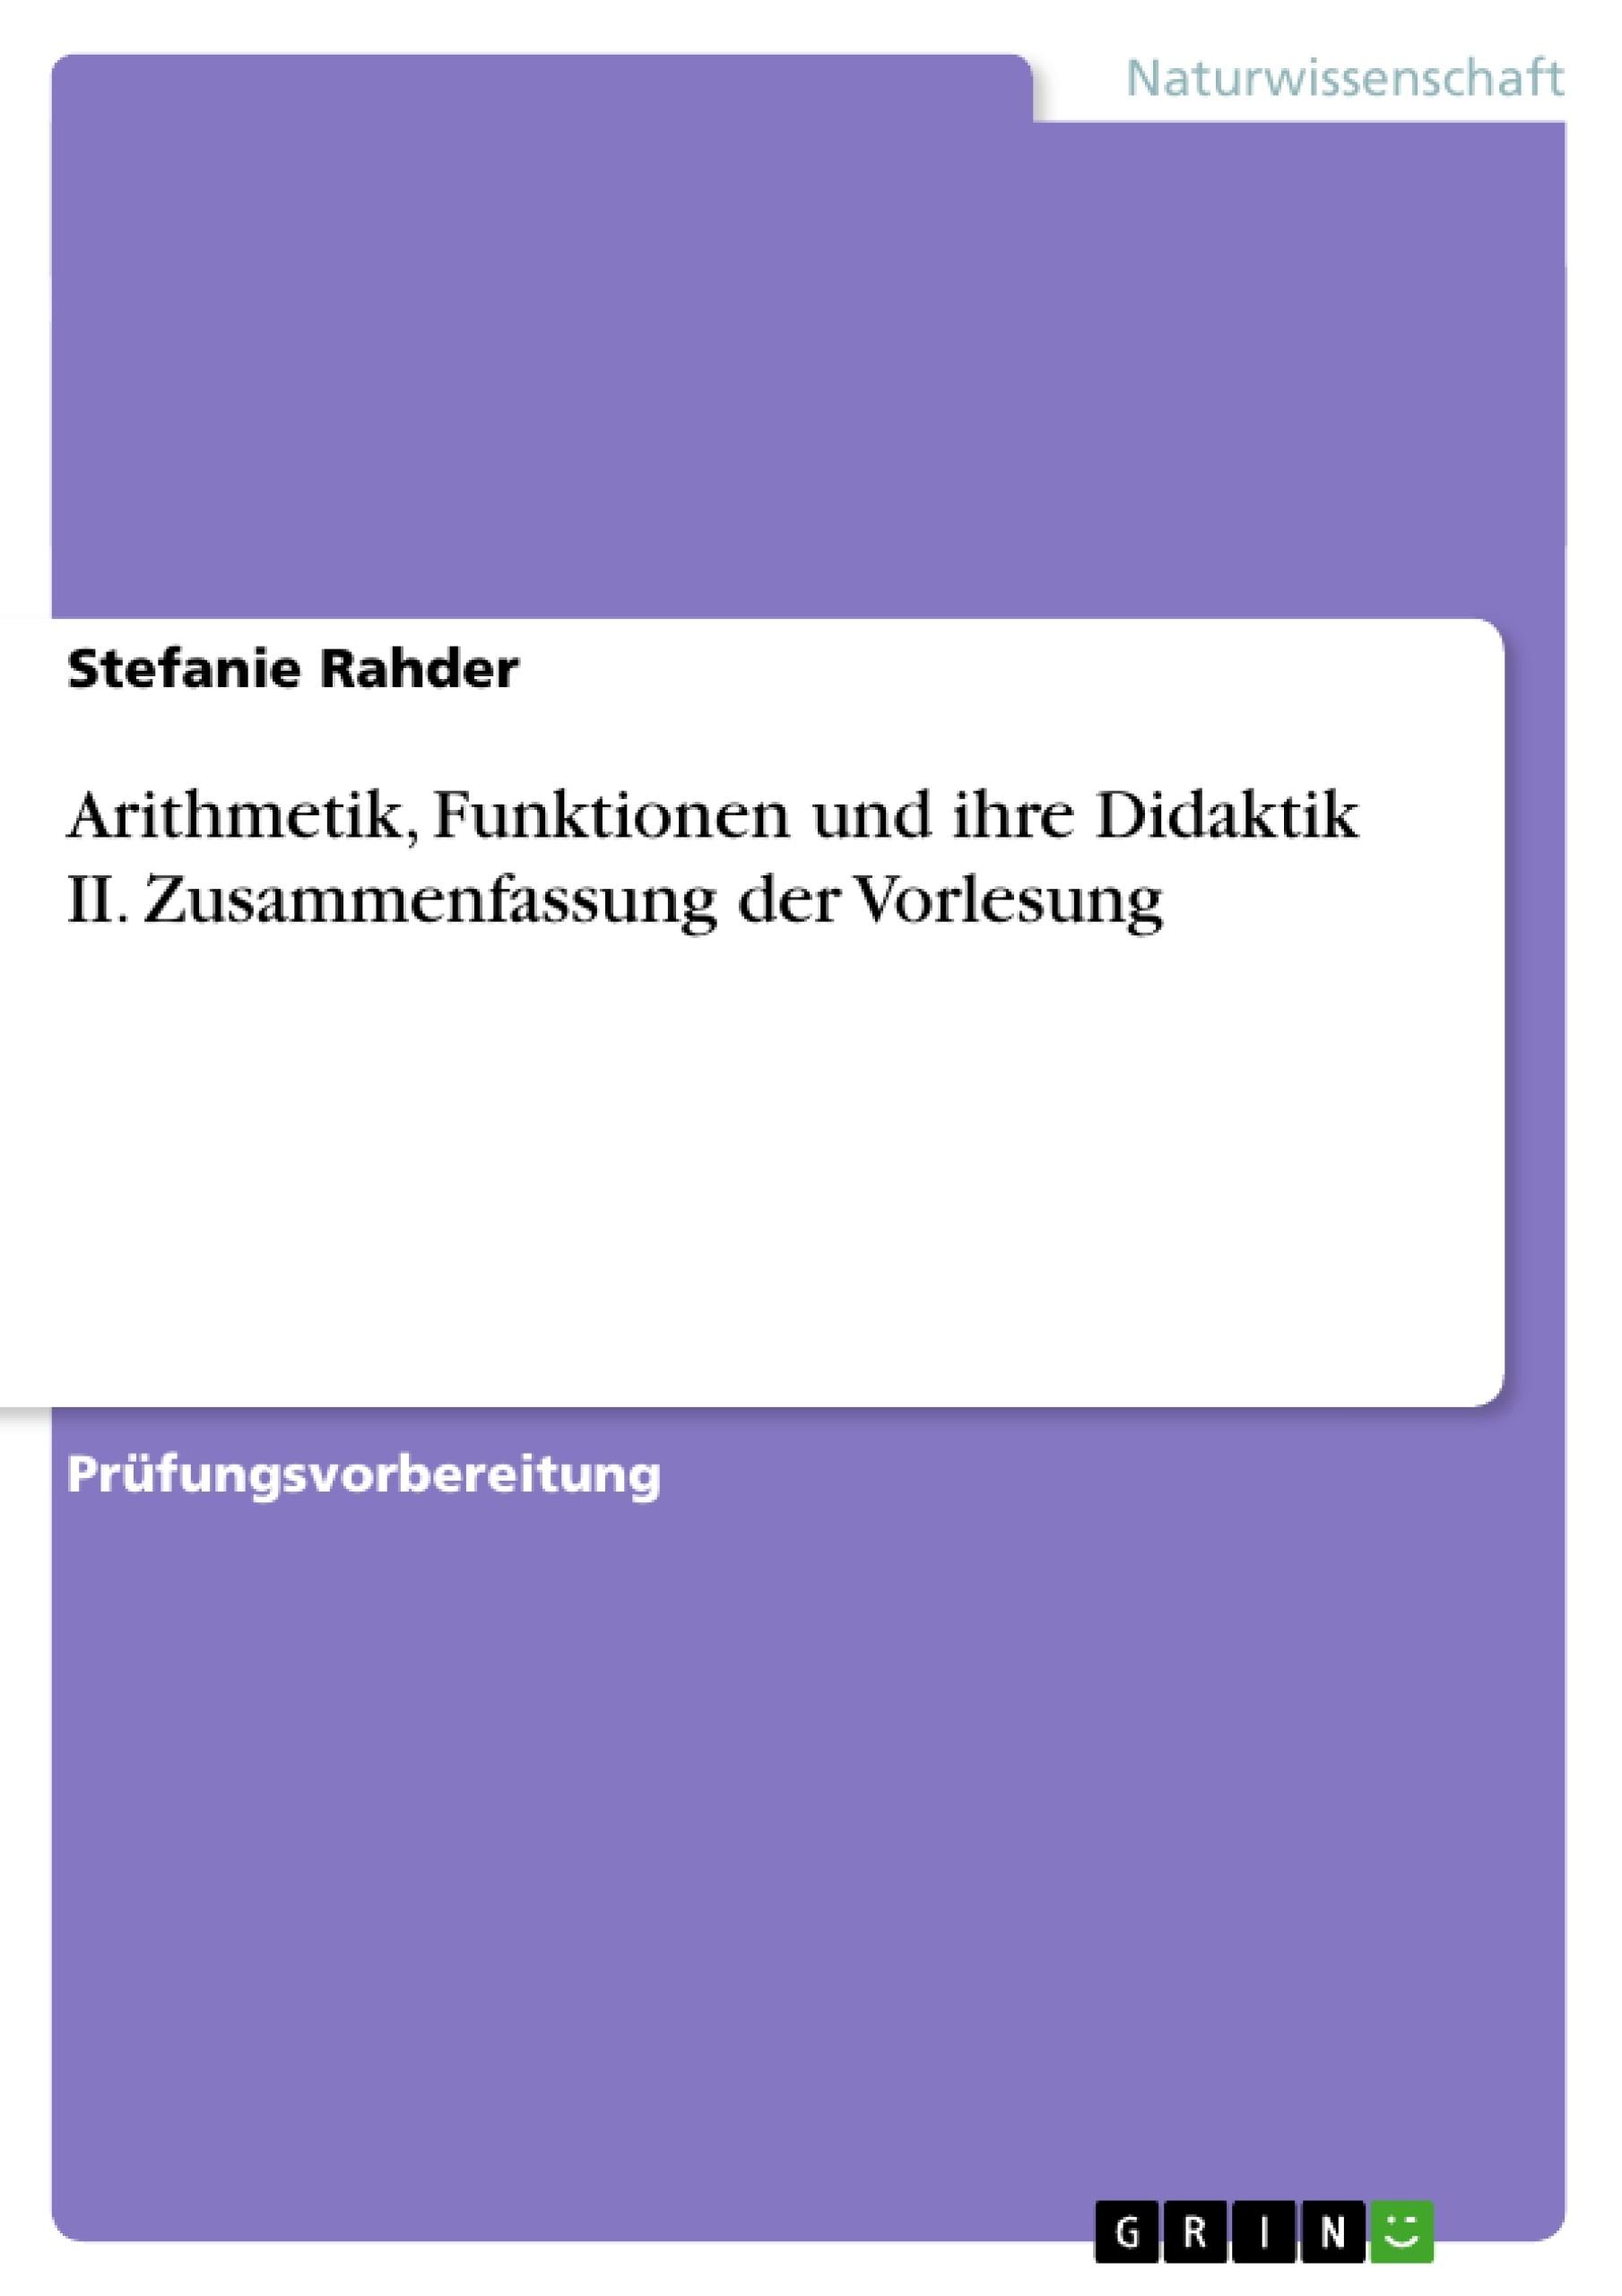 Titel: Arithmetik,  Funktionen und ihre Didaktik II. Zusammenfassung der Vorlesung